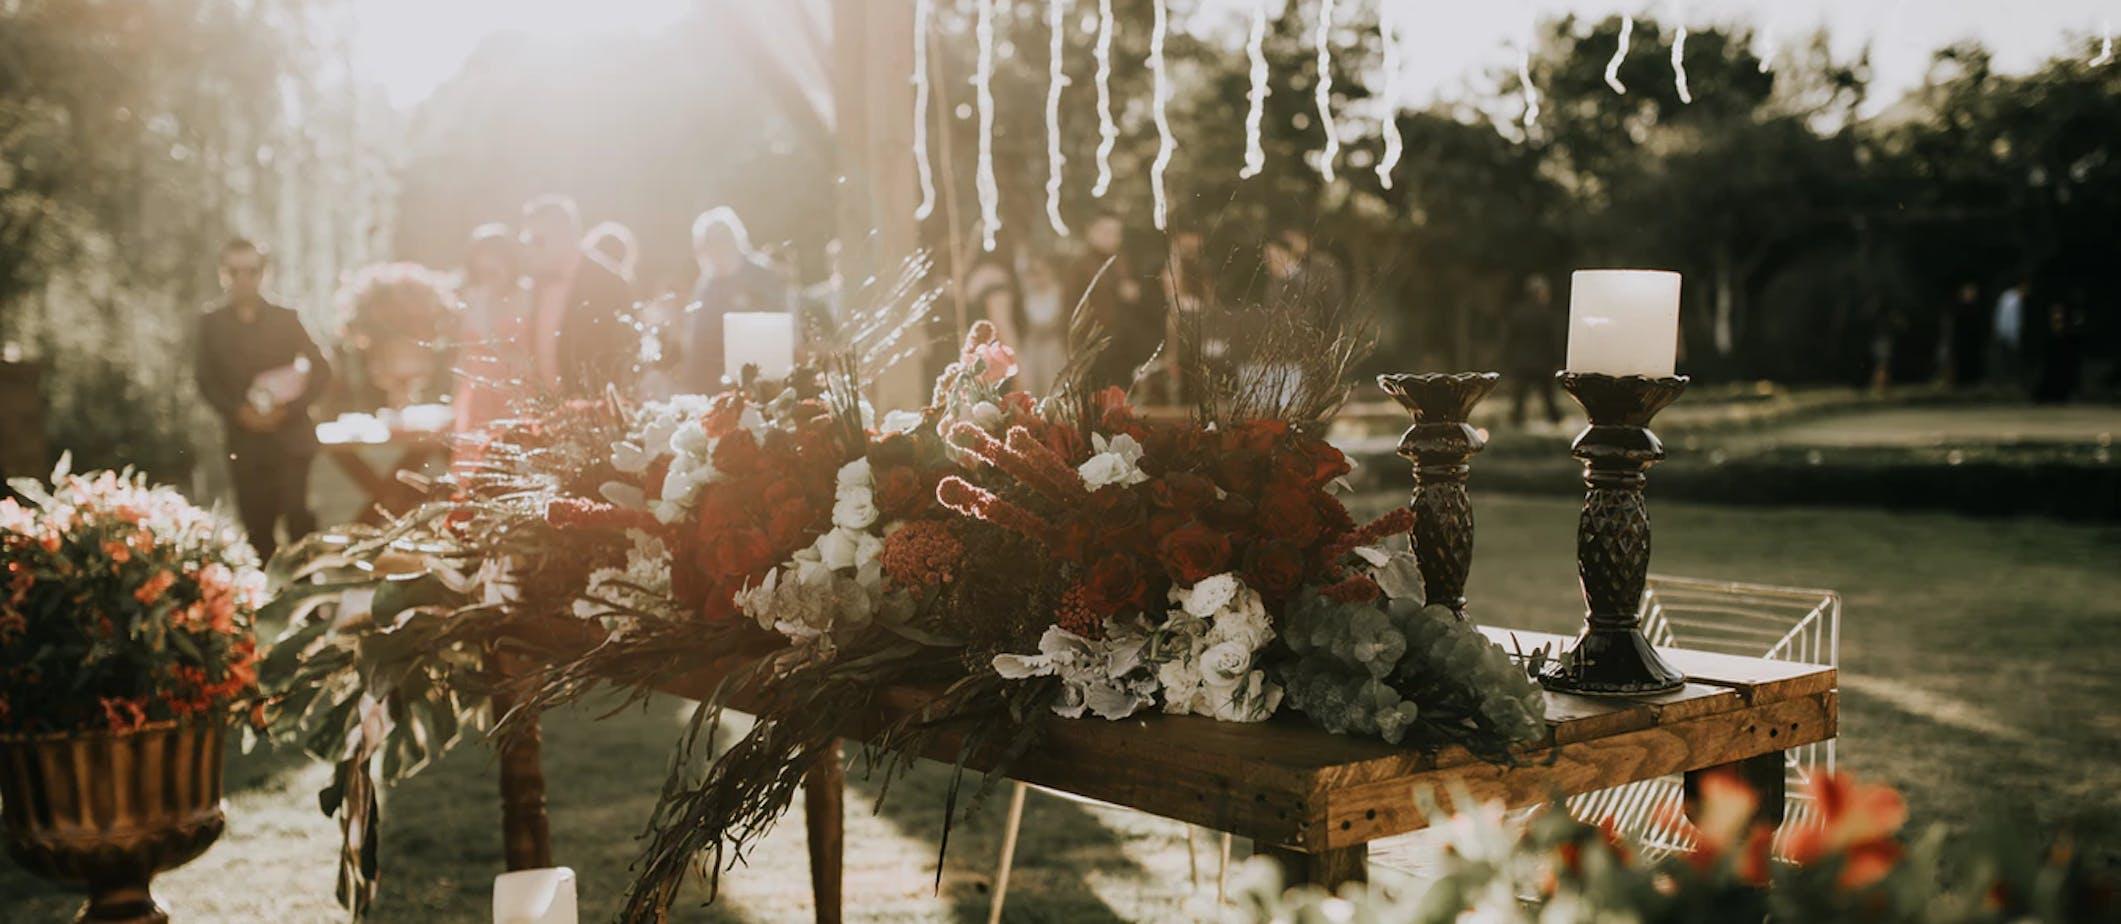 table de mariage avec décorations fleuries